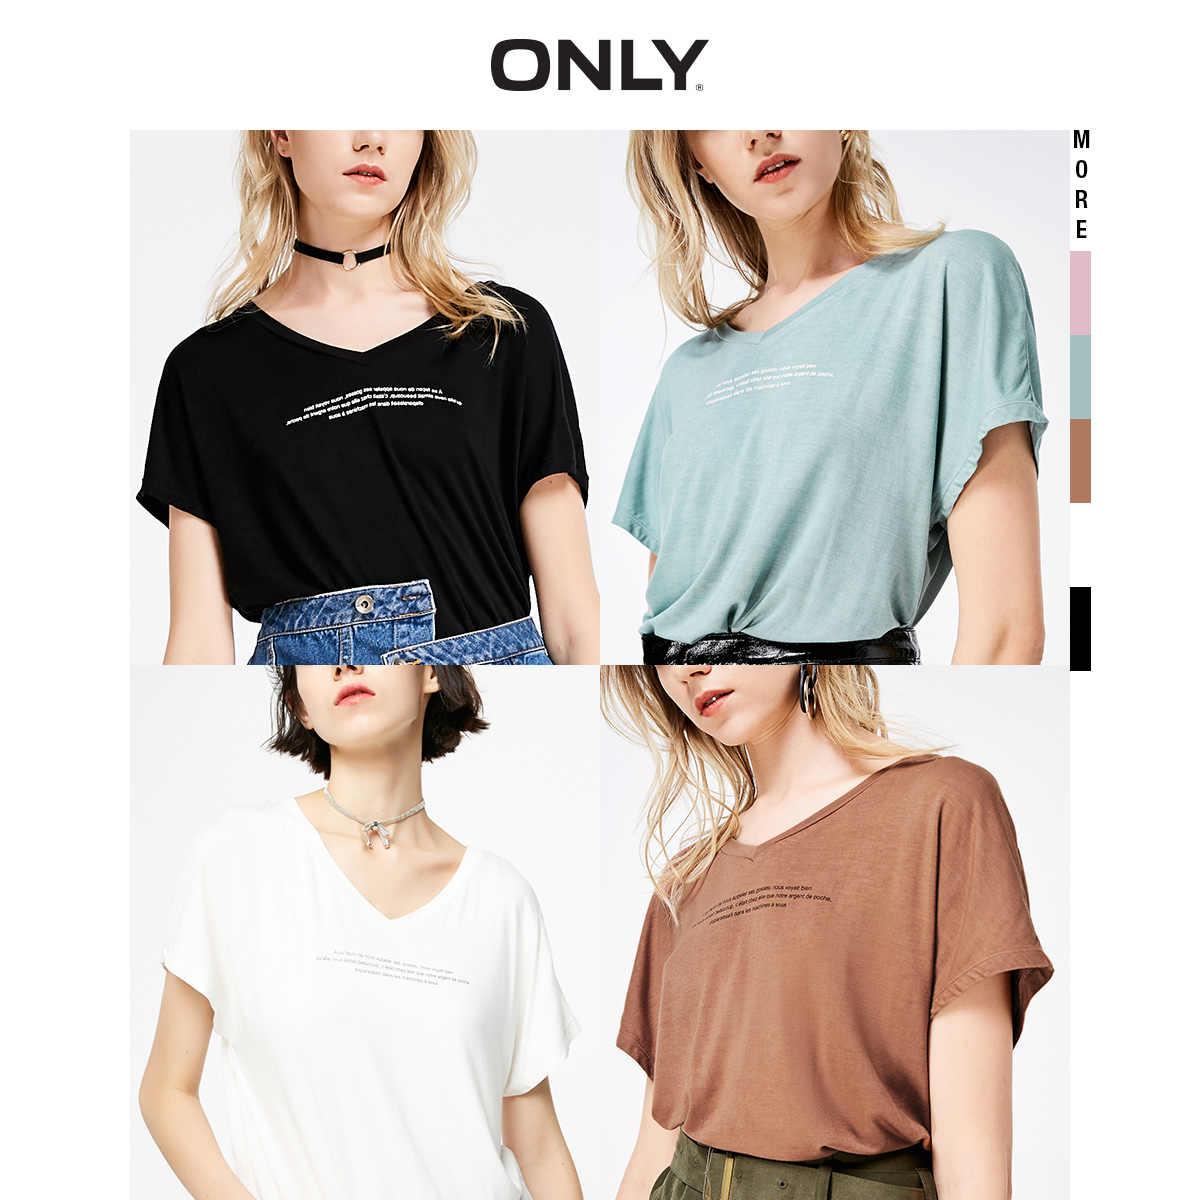 Только 2019 Весна Лето Новая женская футболка с v-образным вырезом и буквенным принтом с короткими рукавами | 119101580